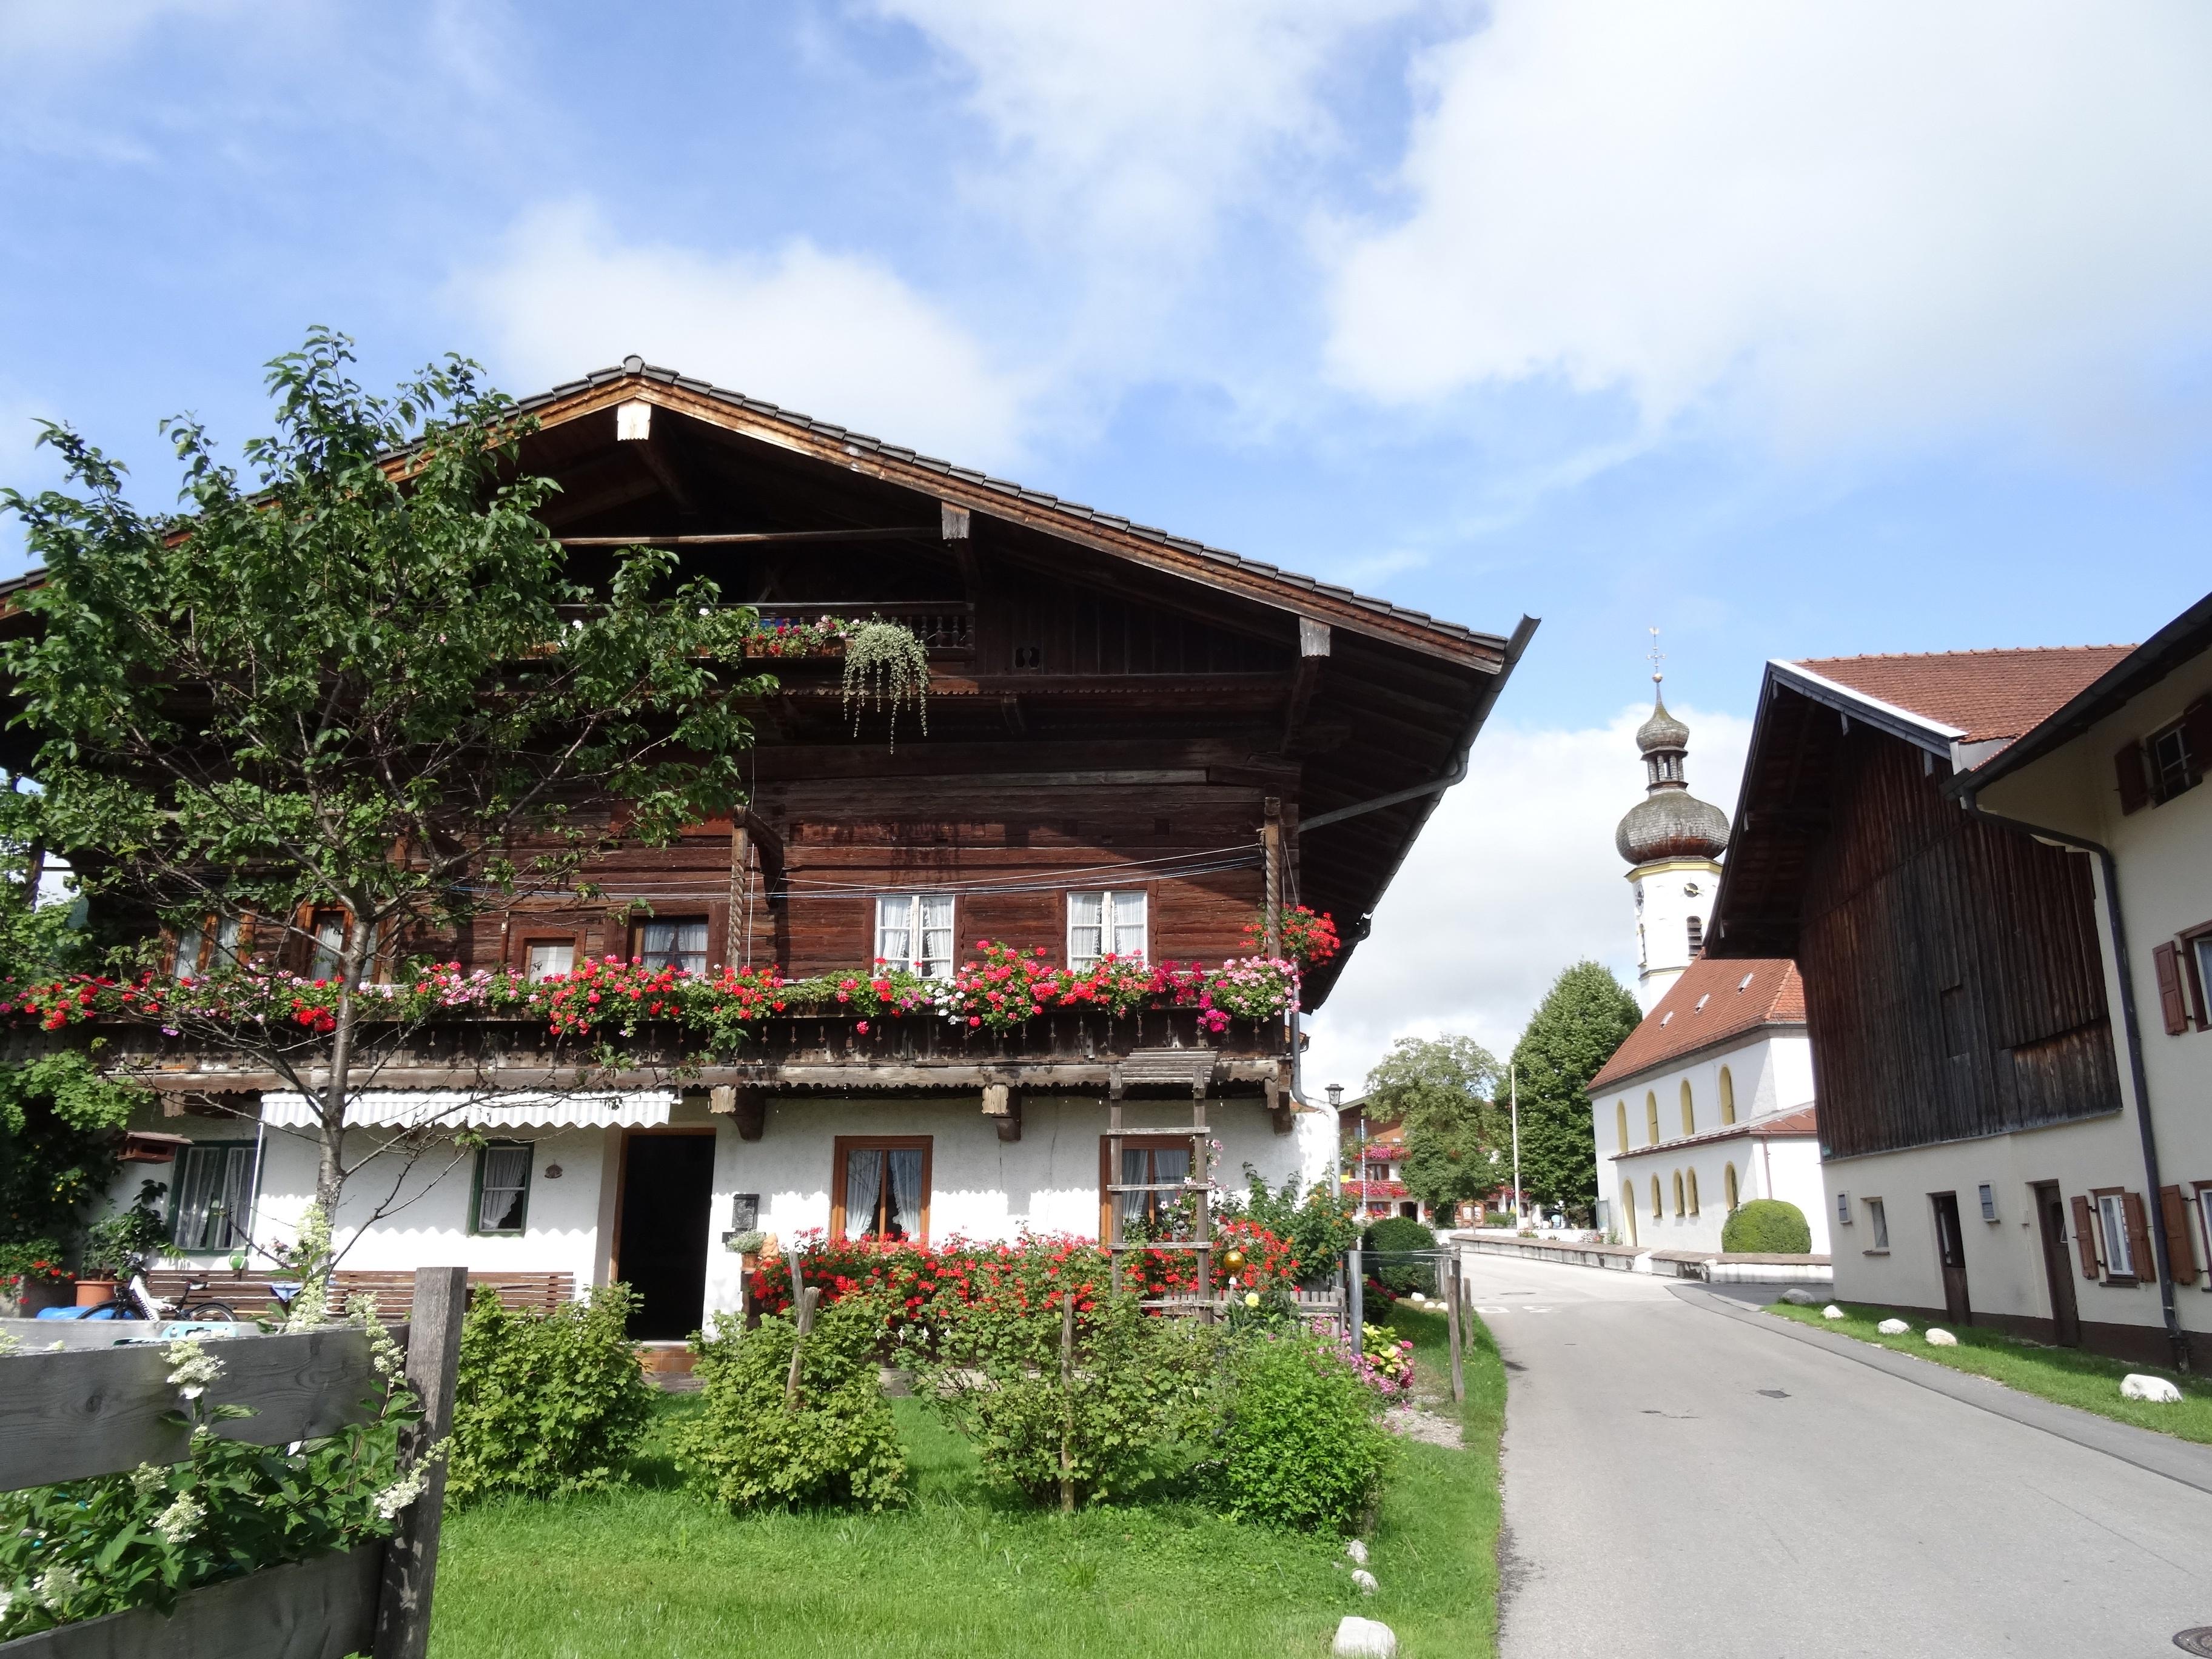 Bauernhof in Rottau